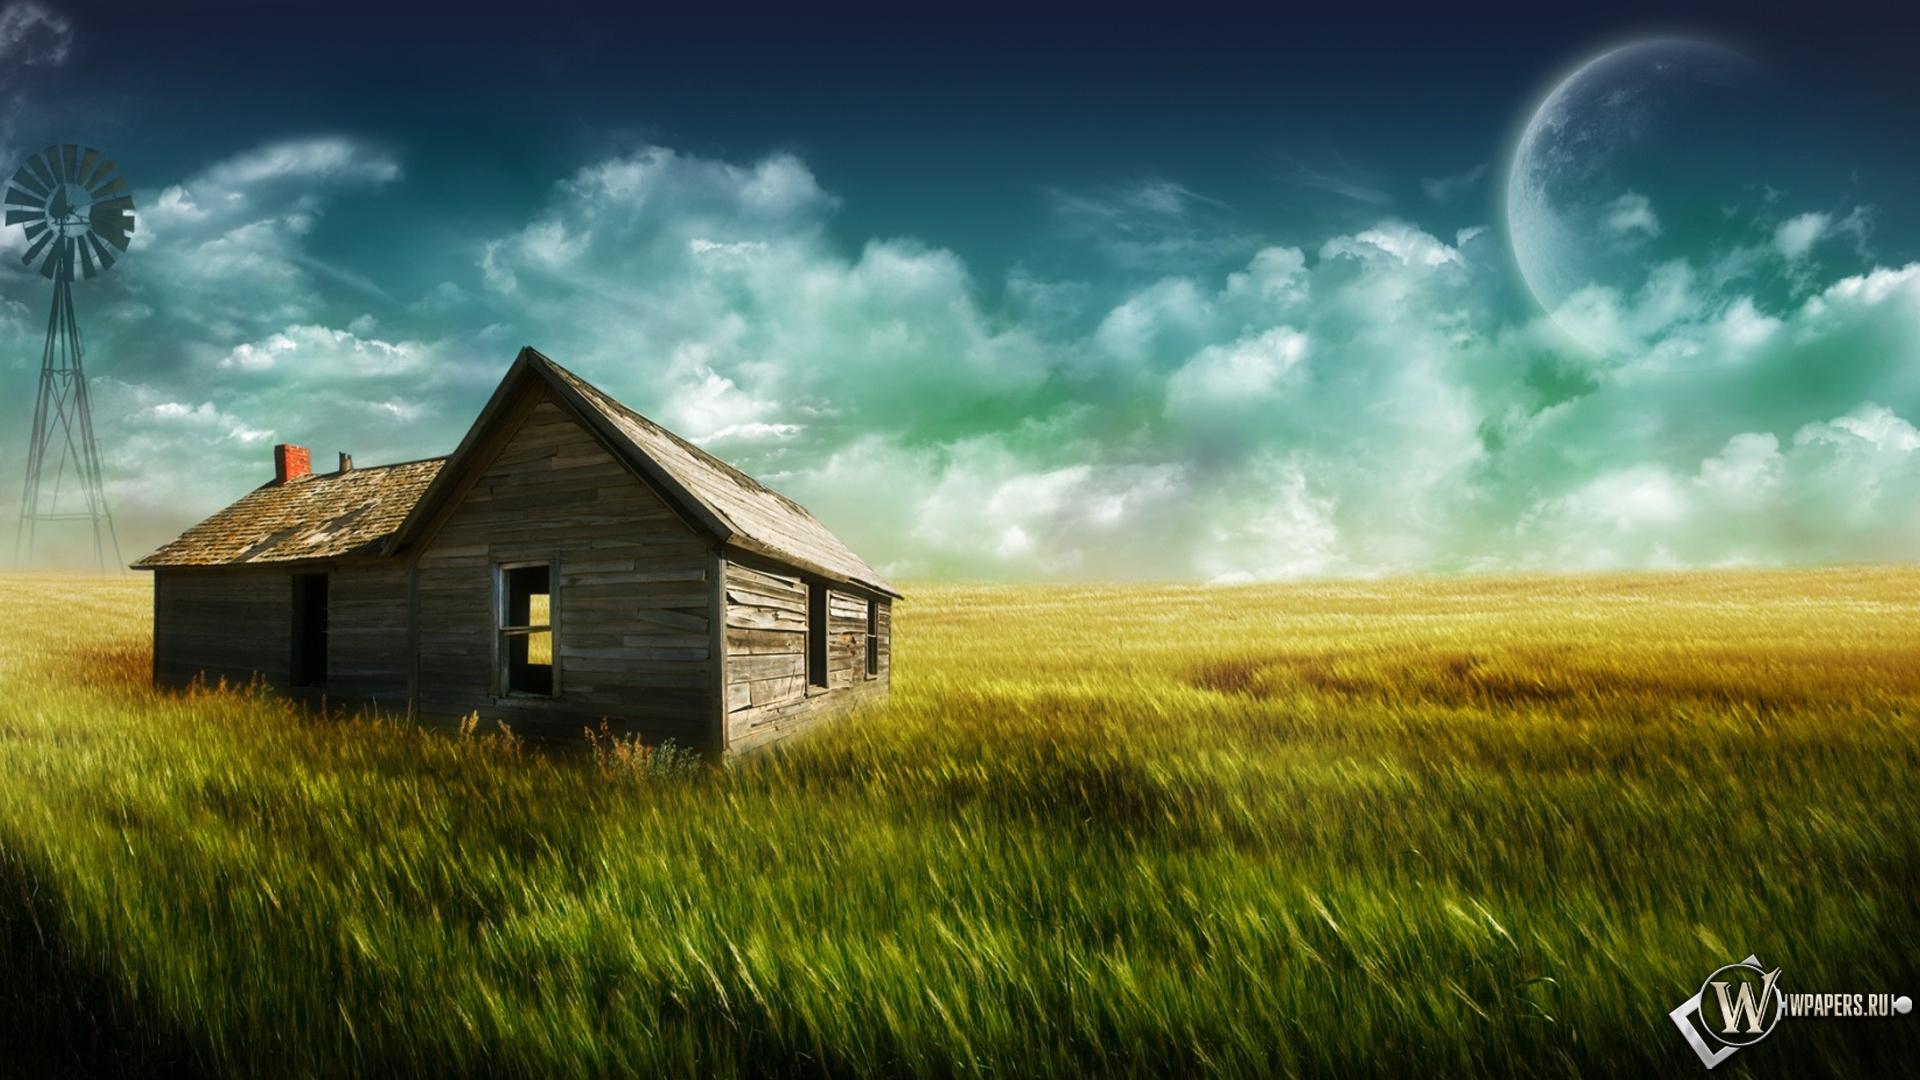 Обои дом в поле поле ферма дом 1920x1080